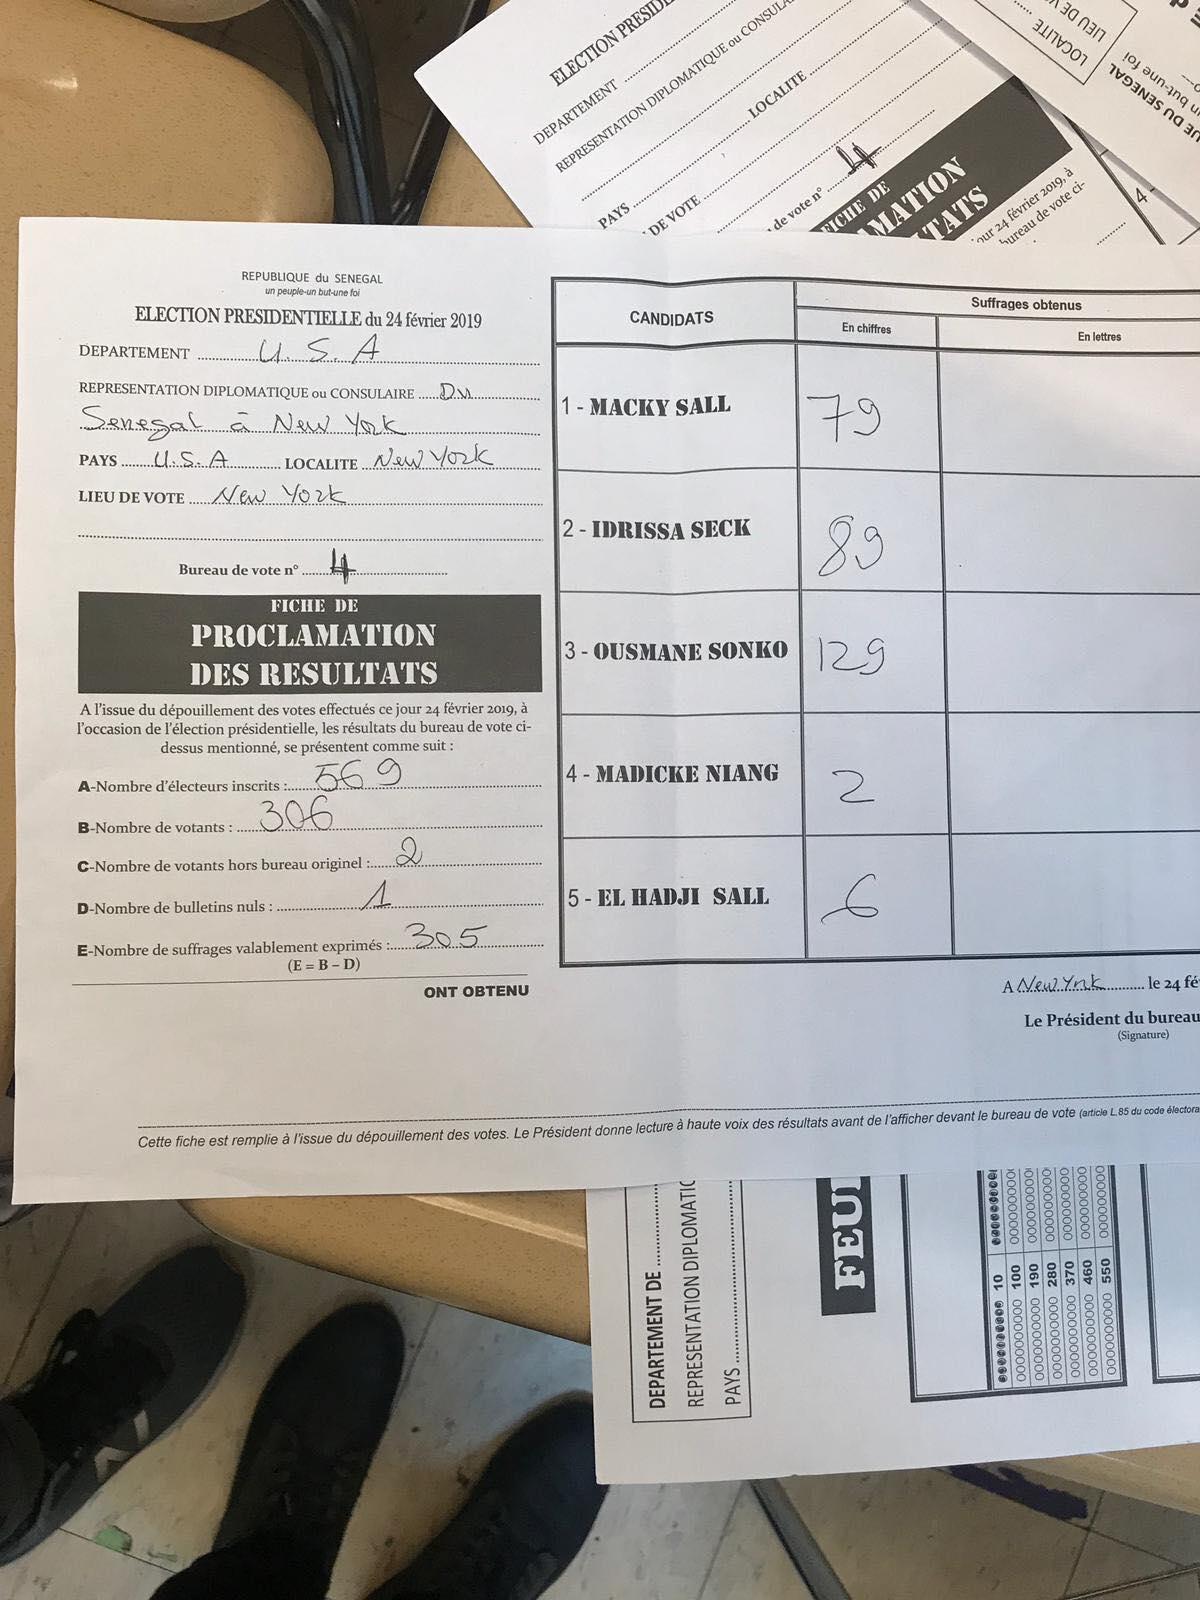 1-2 USA : Les résultats des élections commencent à tomber